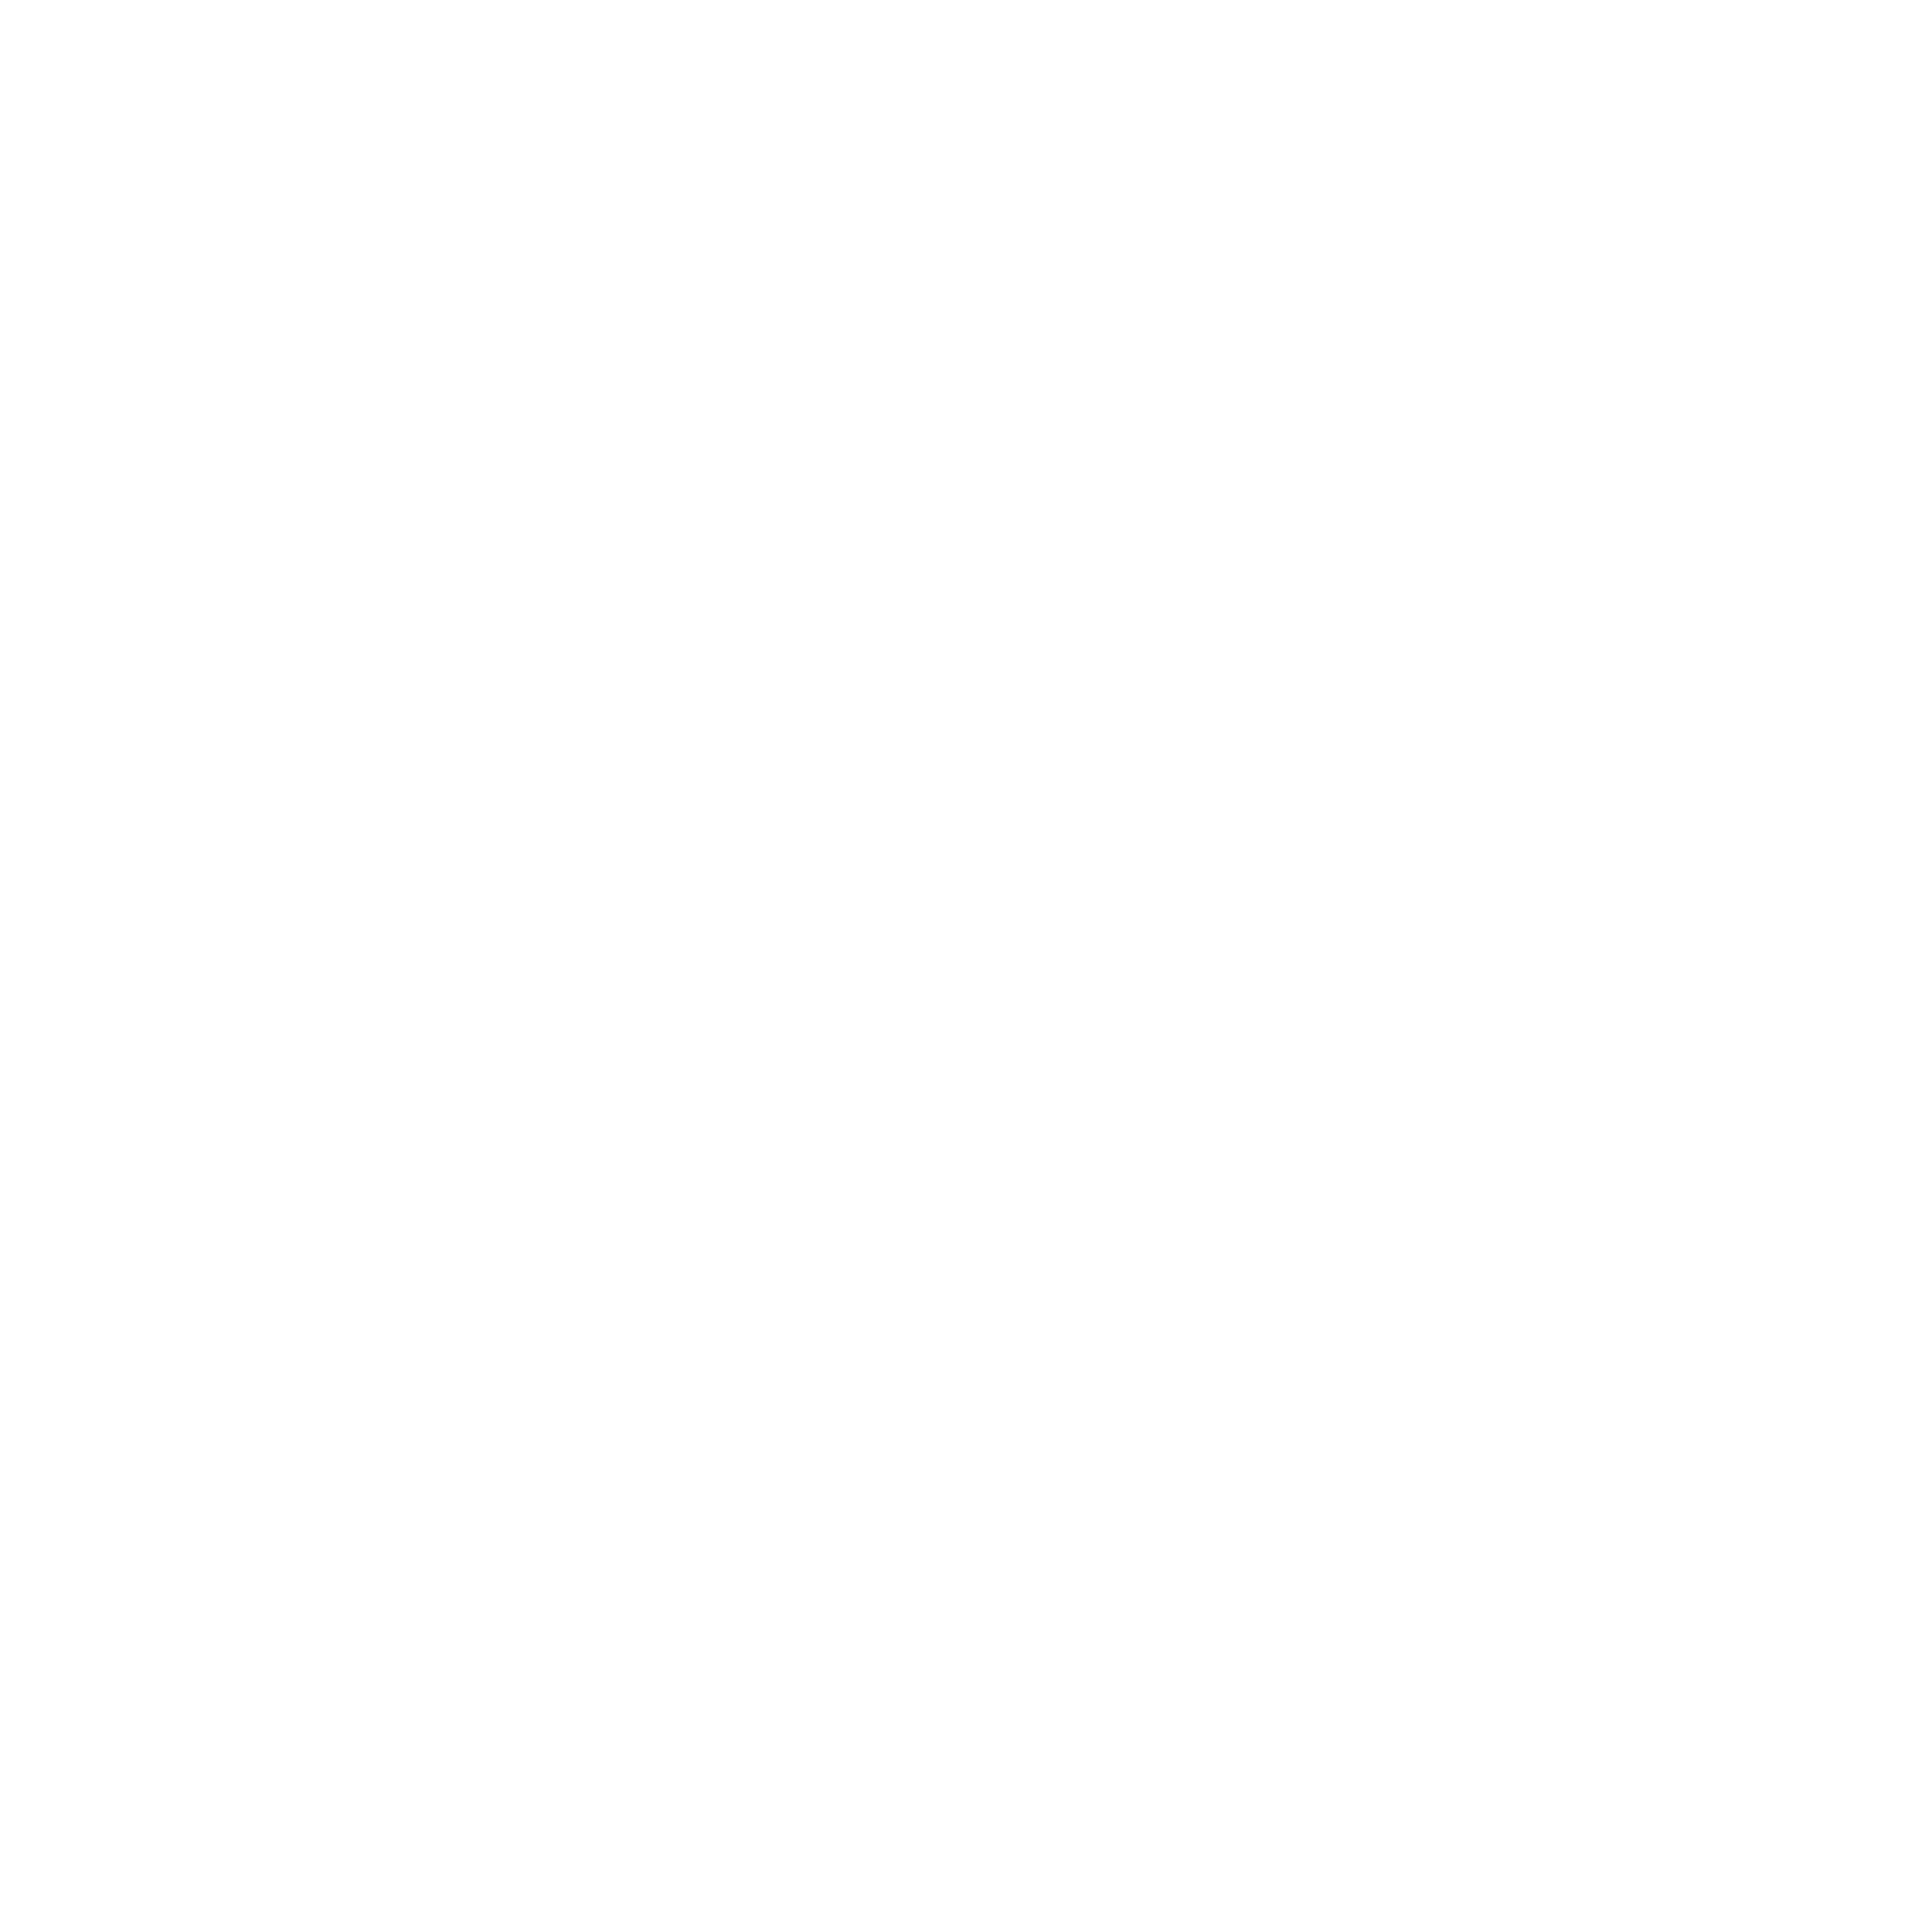 macroonde.net